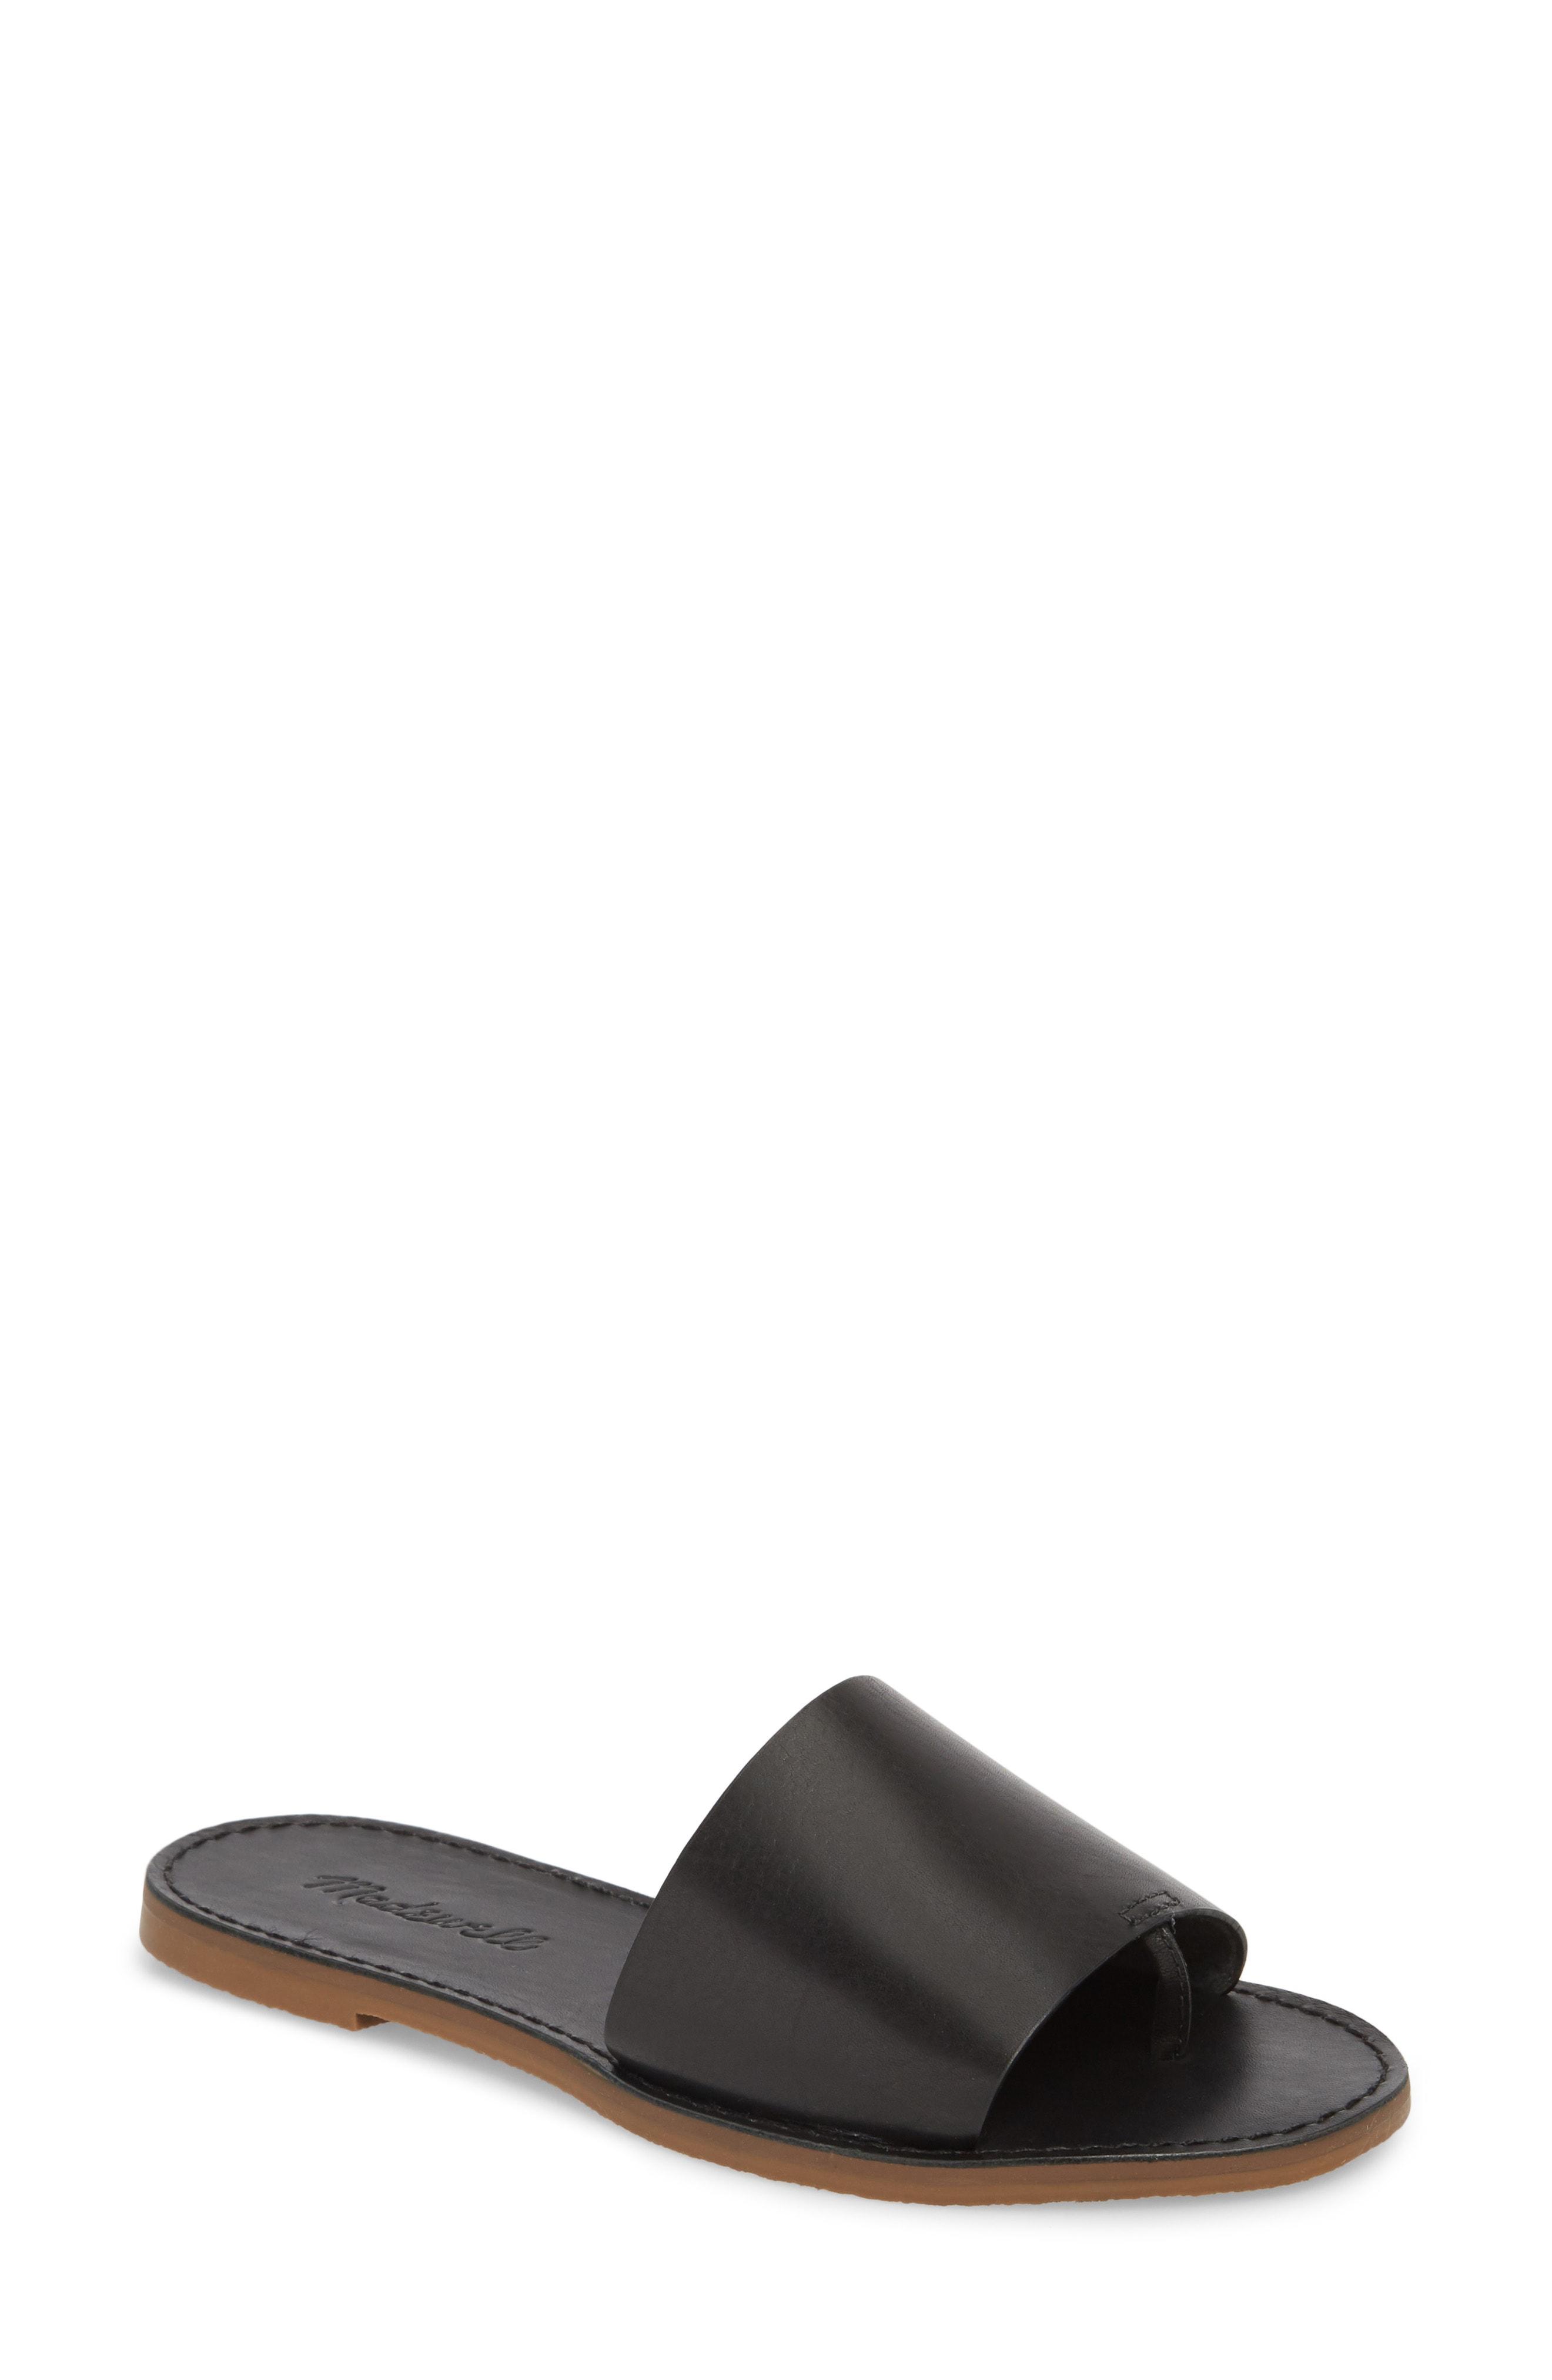 Madewell Boardwalk Post Slide Sandal (Women)